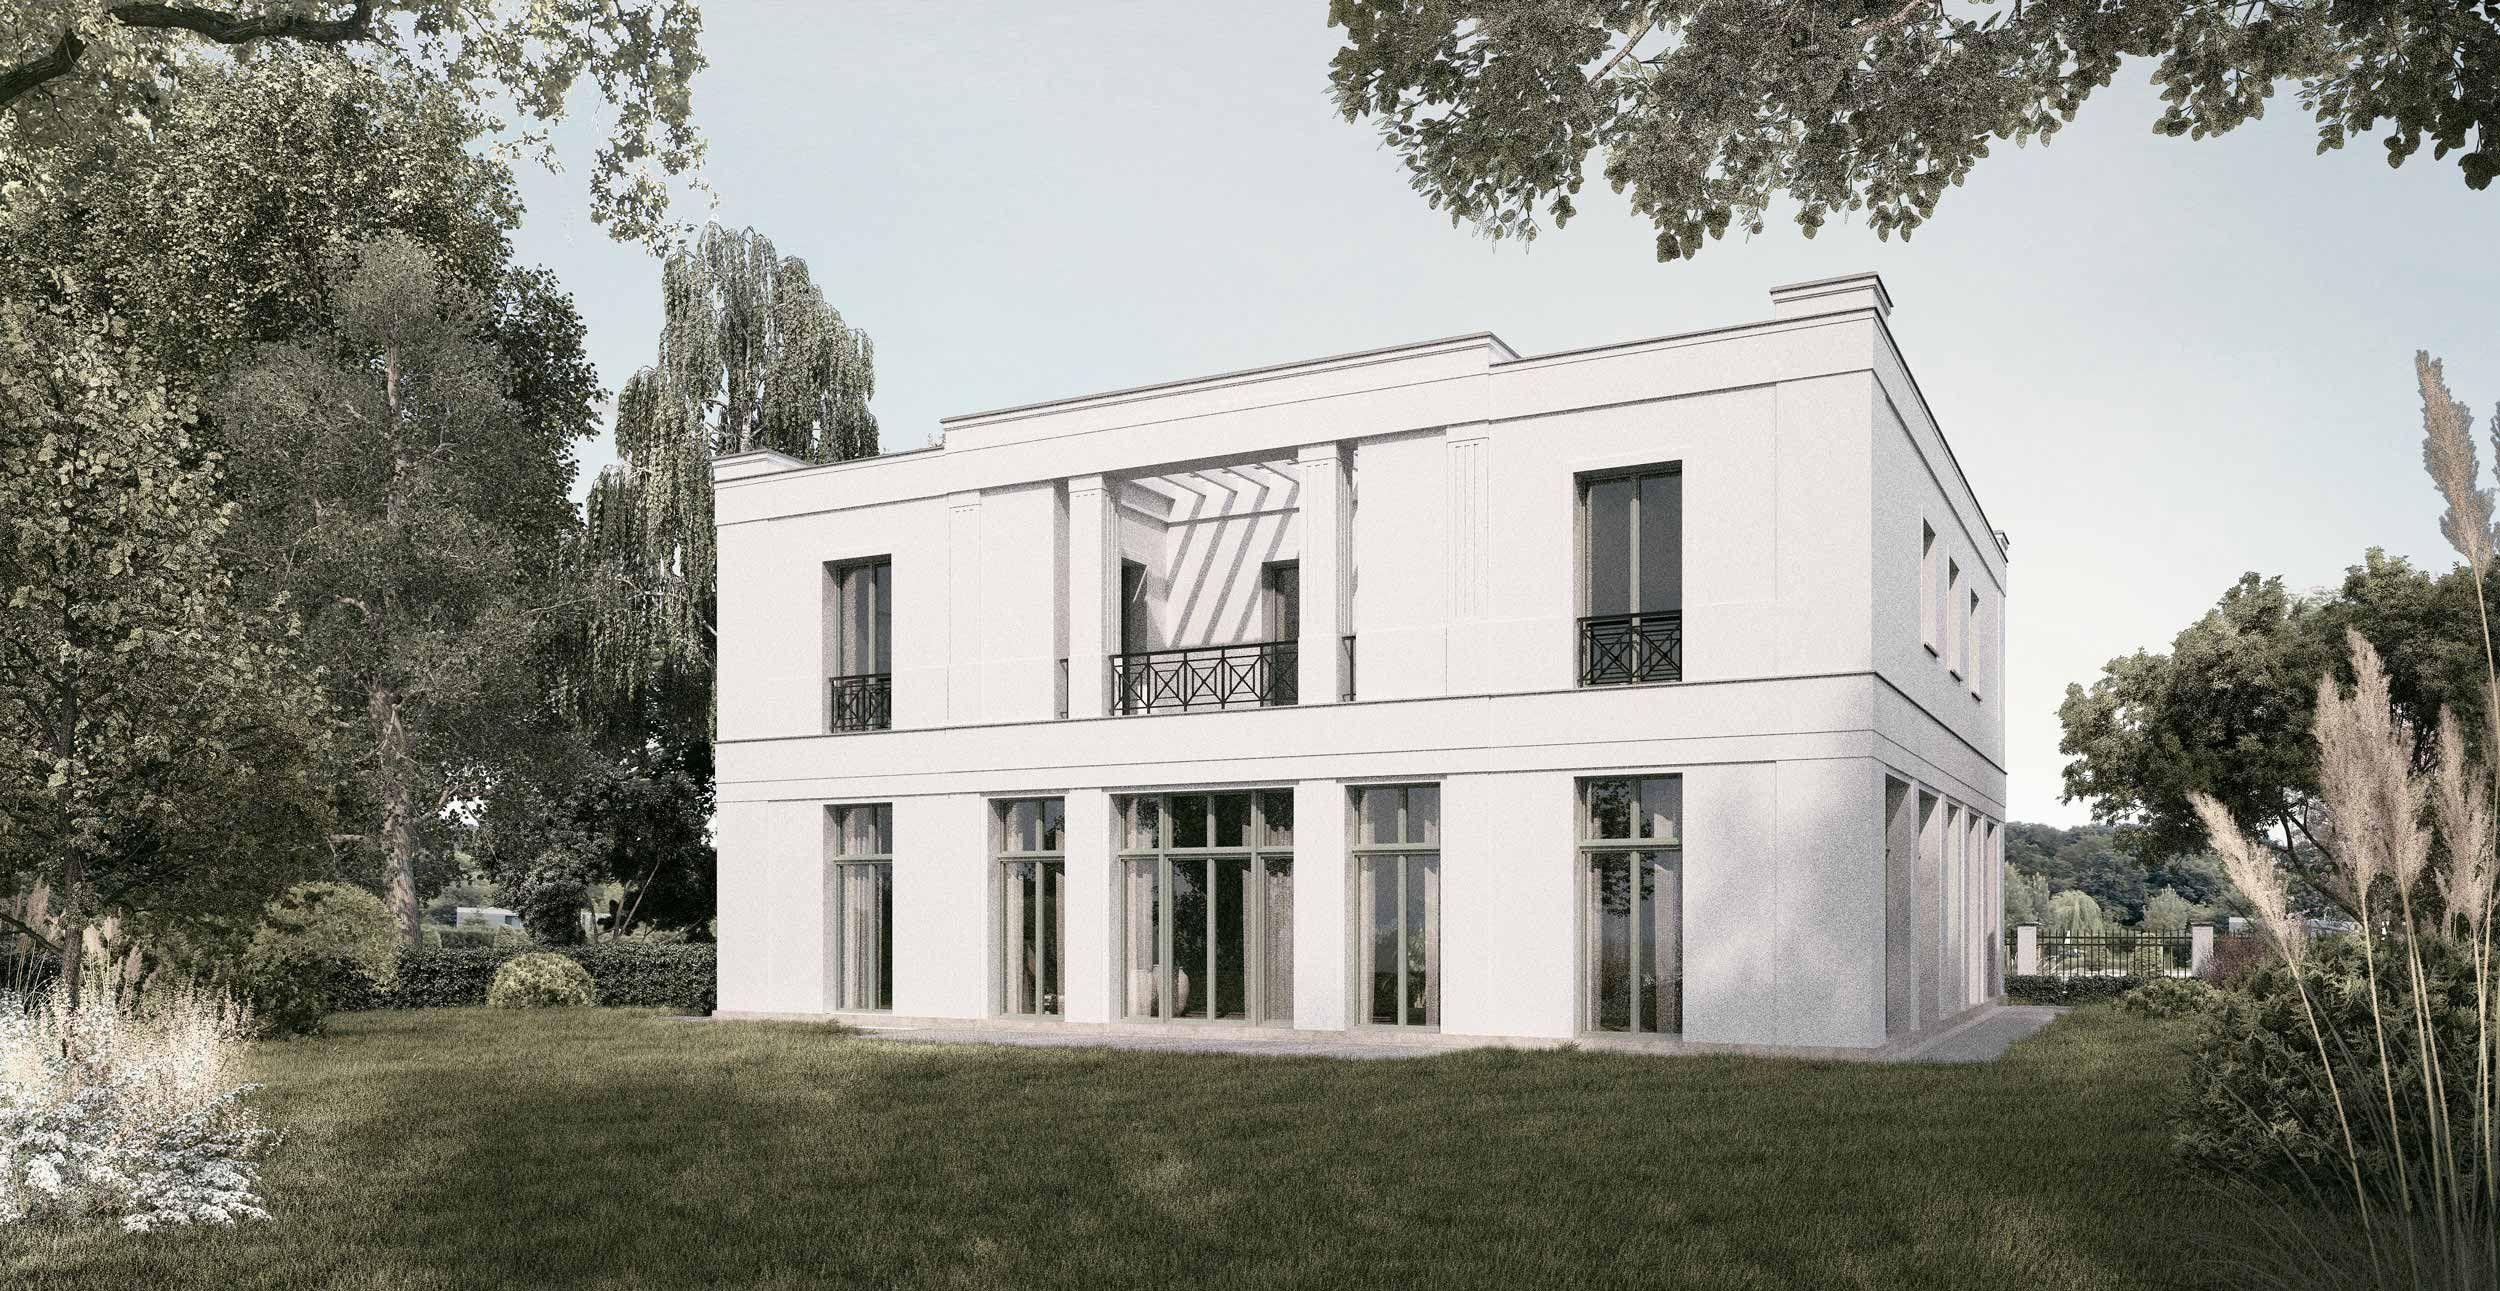 portikusvilla bauwerke in potsdam pinterest klassisch moderne h user und visualisierung. Black Bedroom Furniture Sets. Home Design Ideas